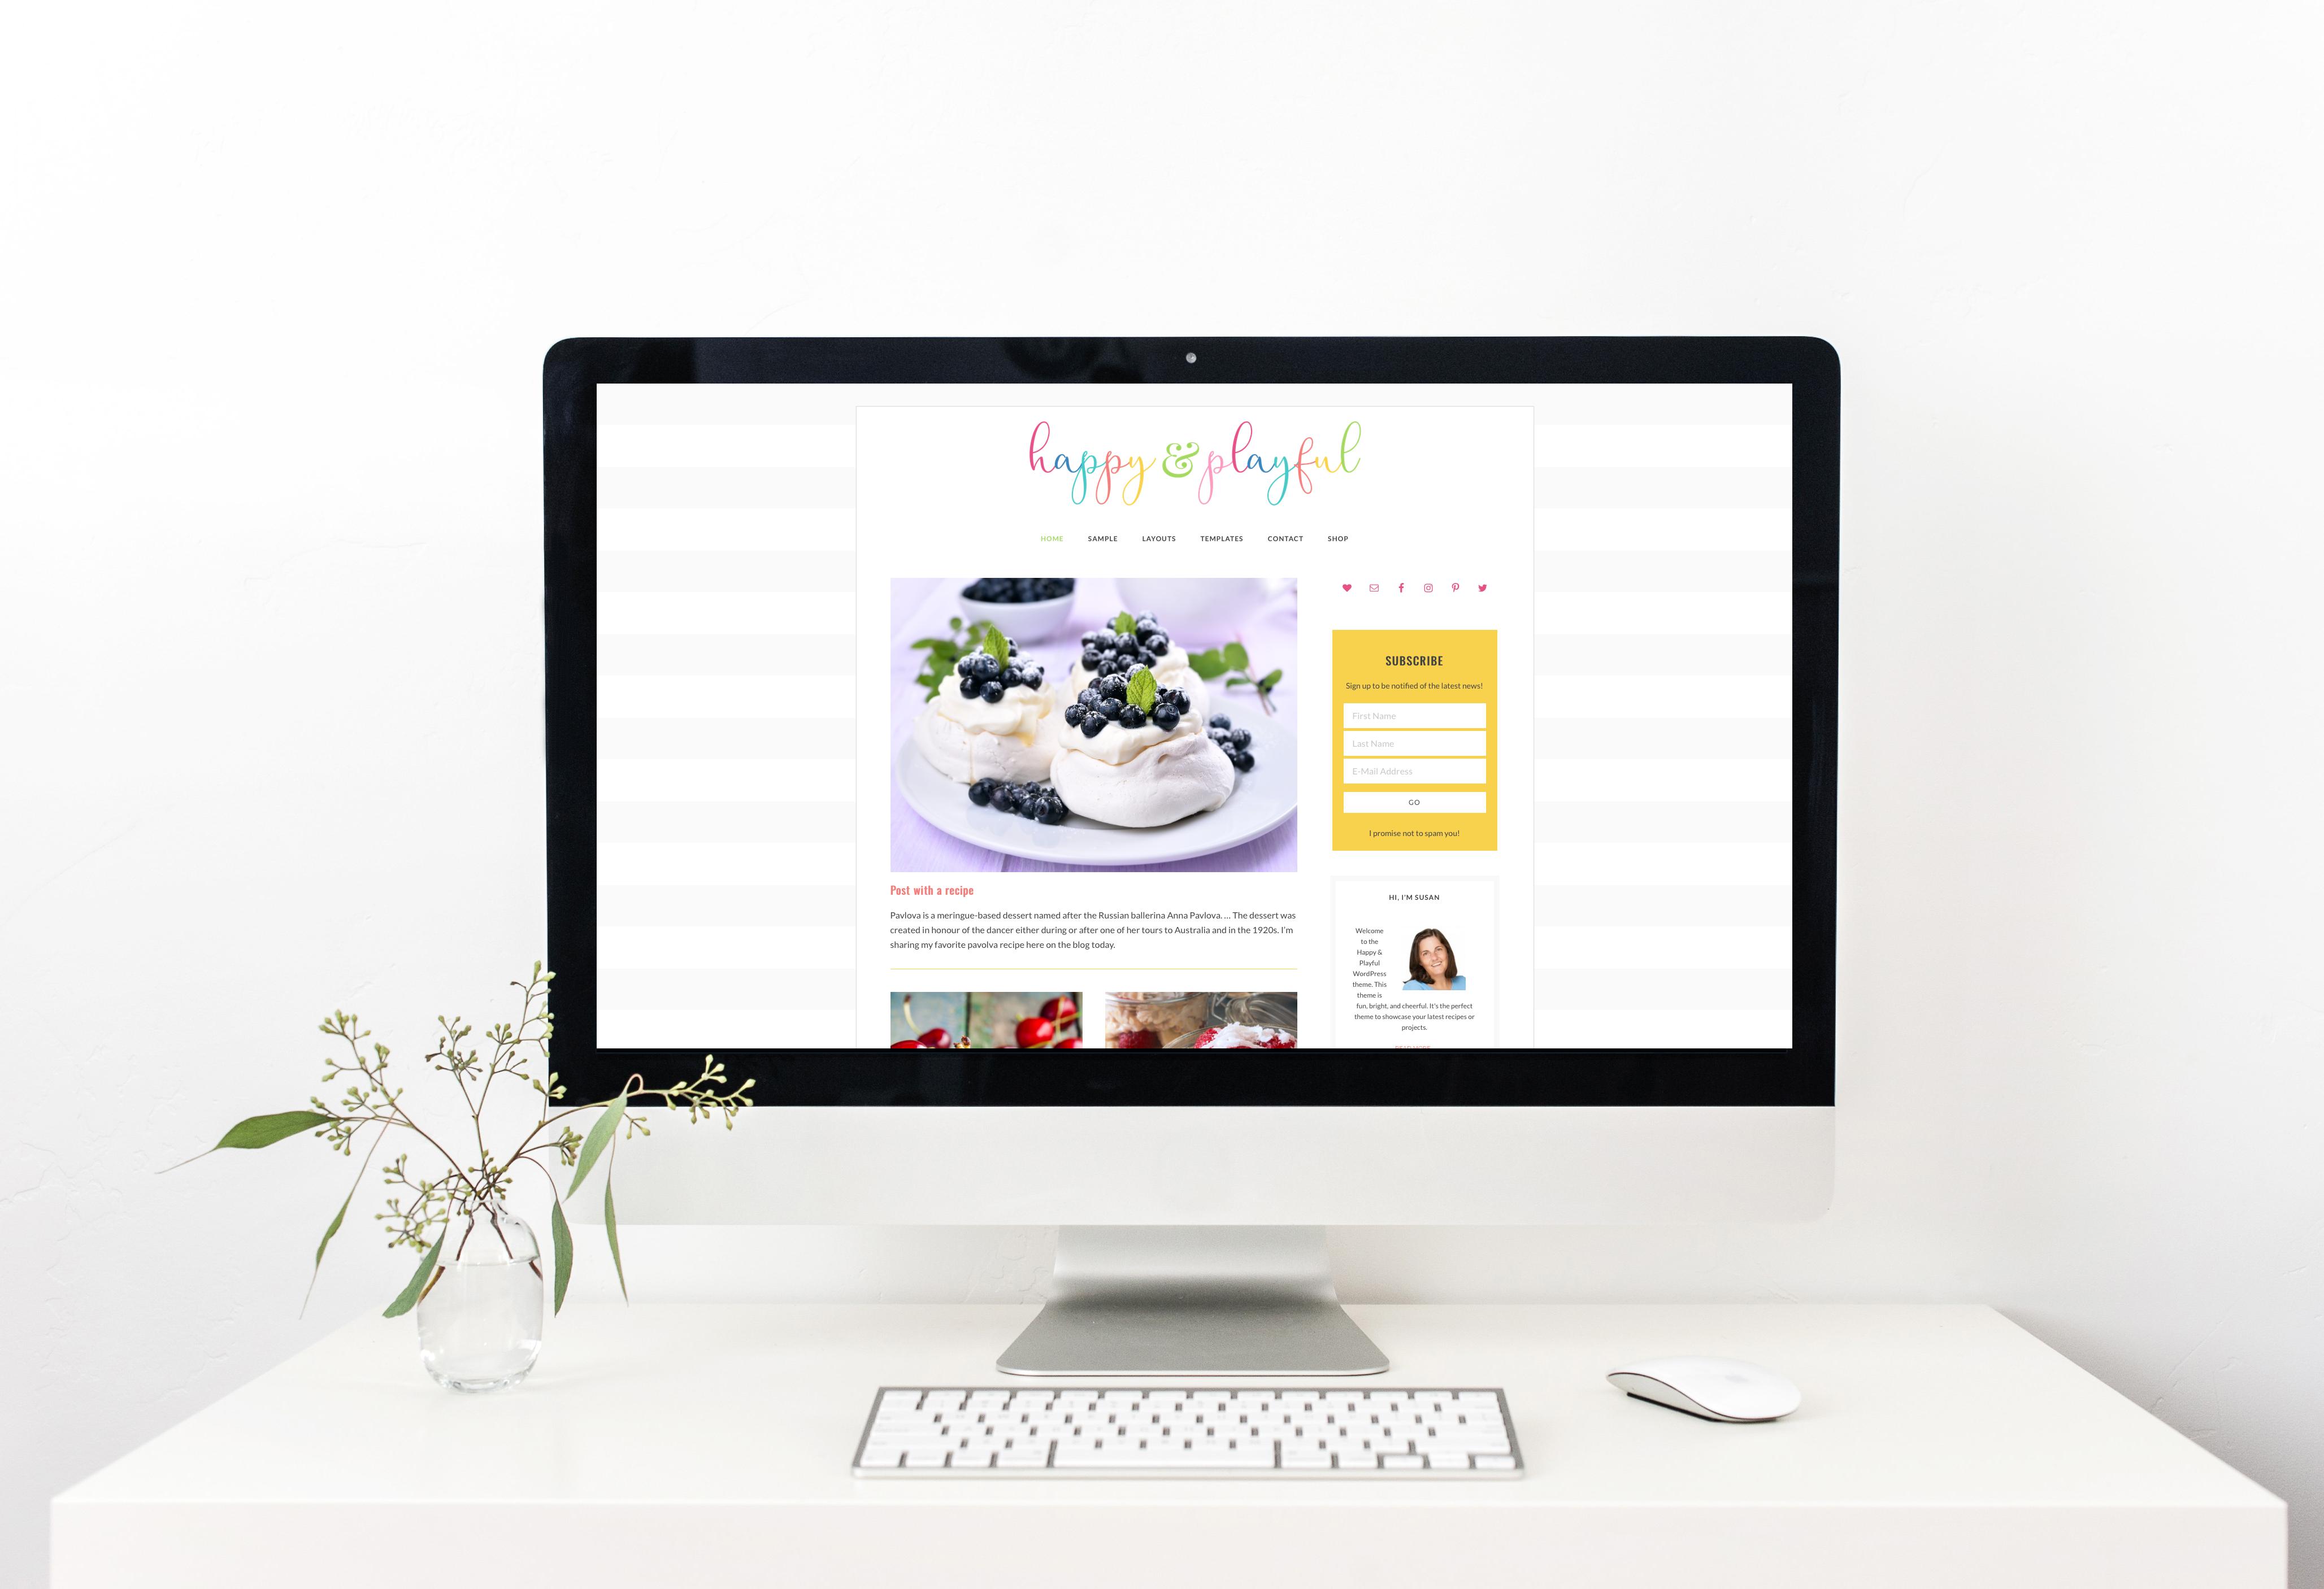 Feminine WordPress themes by One Happy Studio | Happy & Playful WordPress Theme